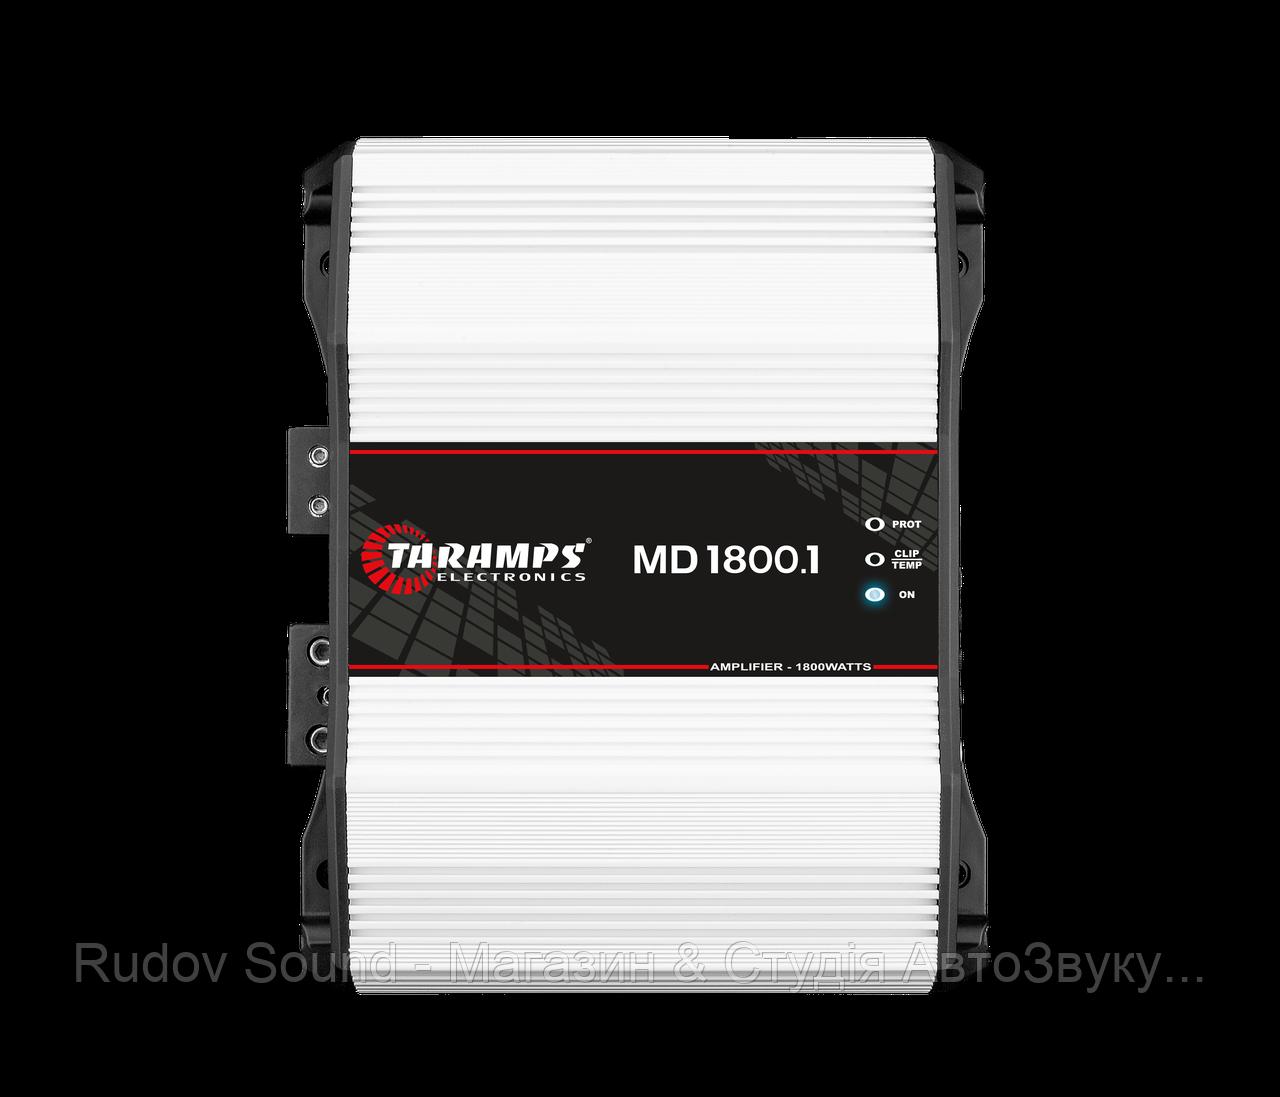 Усилитель Taramps MD 1800 v.1Ω (Широкополосный моноблок | 800w в 4Ω | 1410w в 2Ω | 1800w в 1Ω)